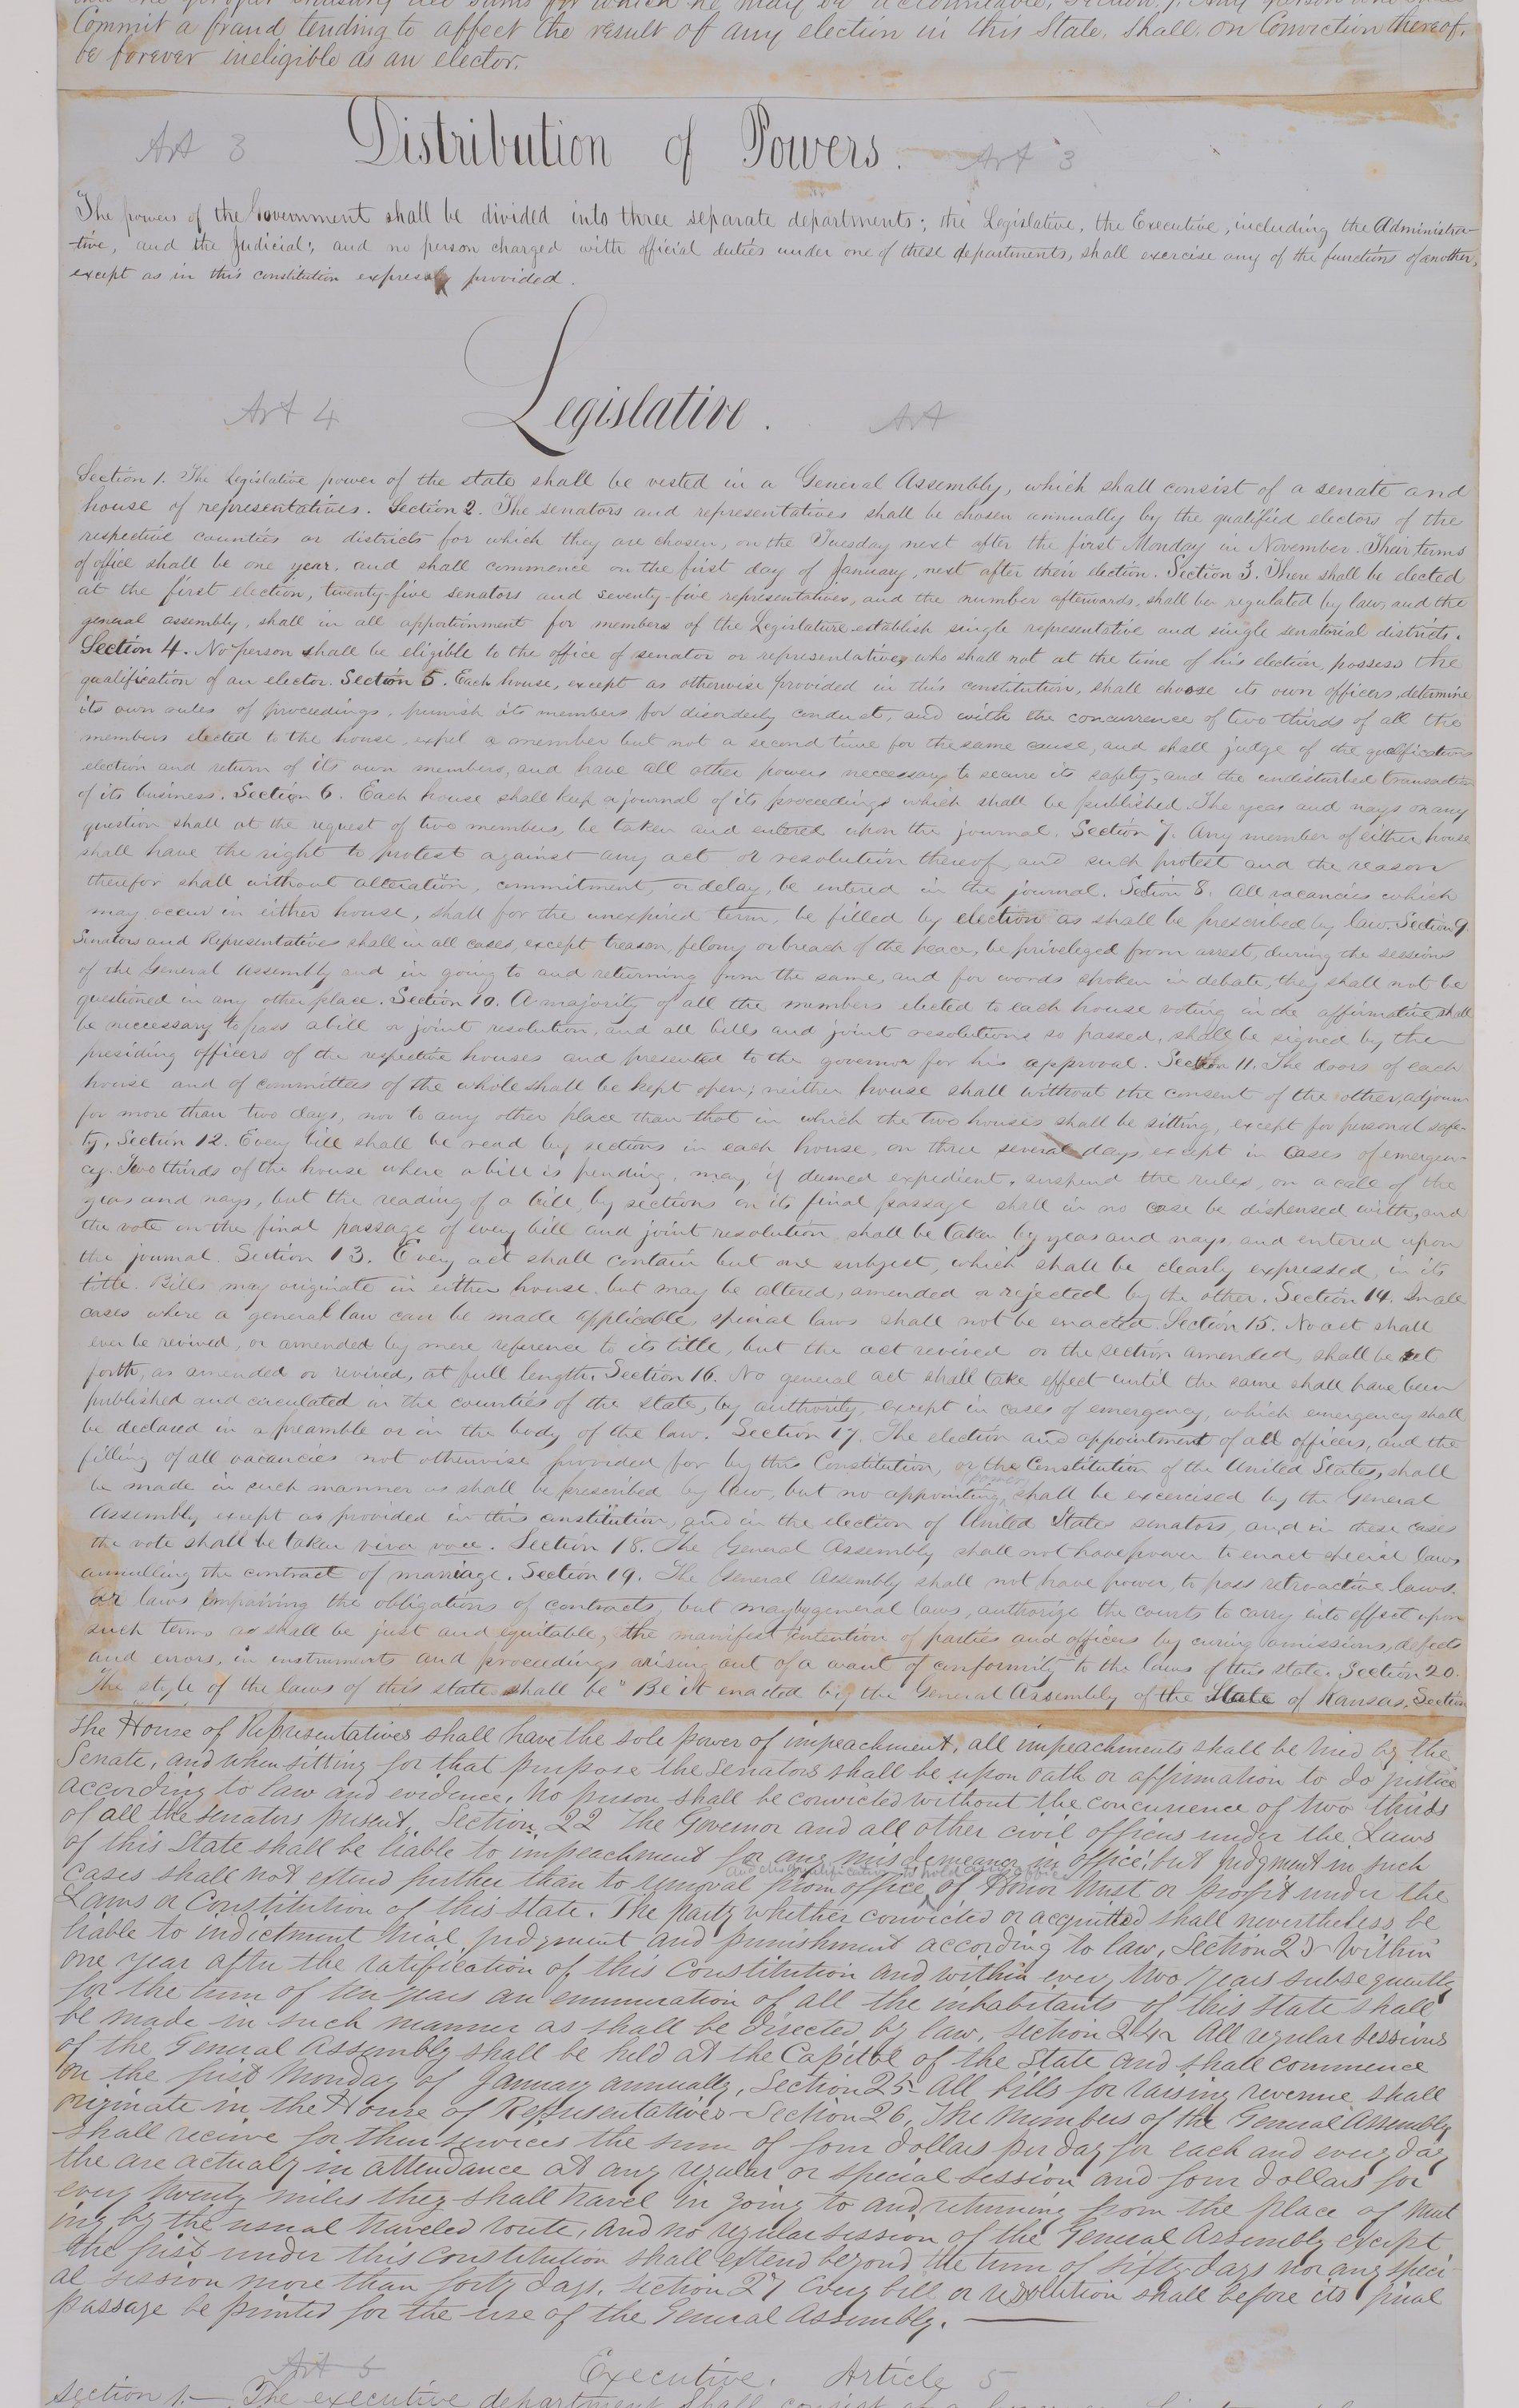 Leavenworth Constitution - 4